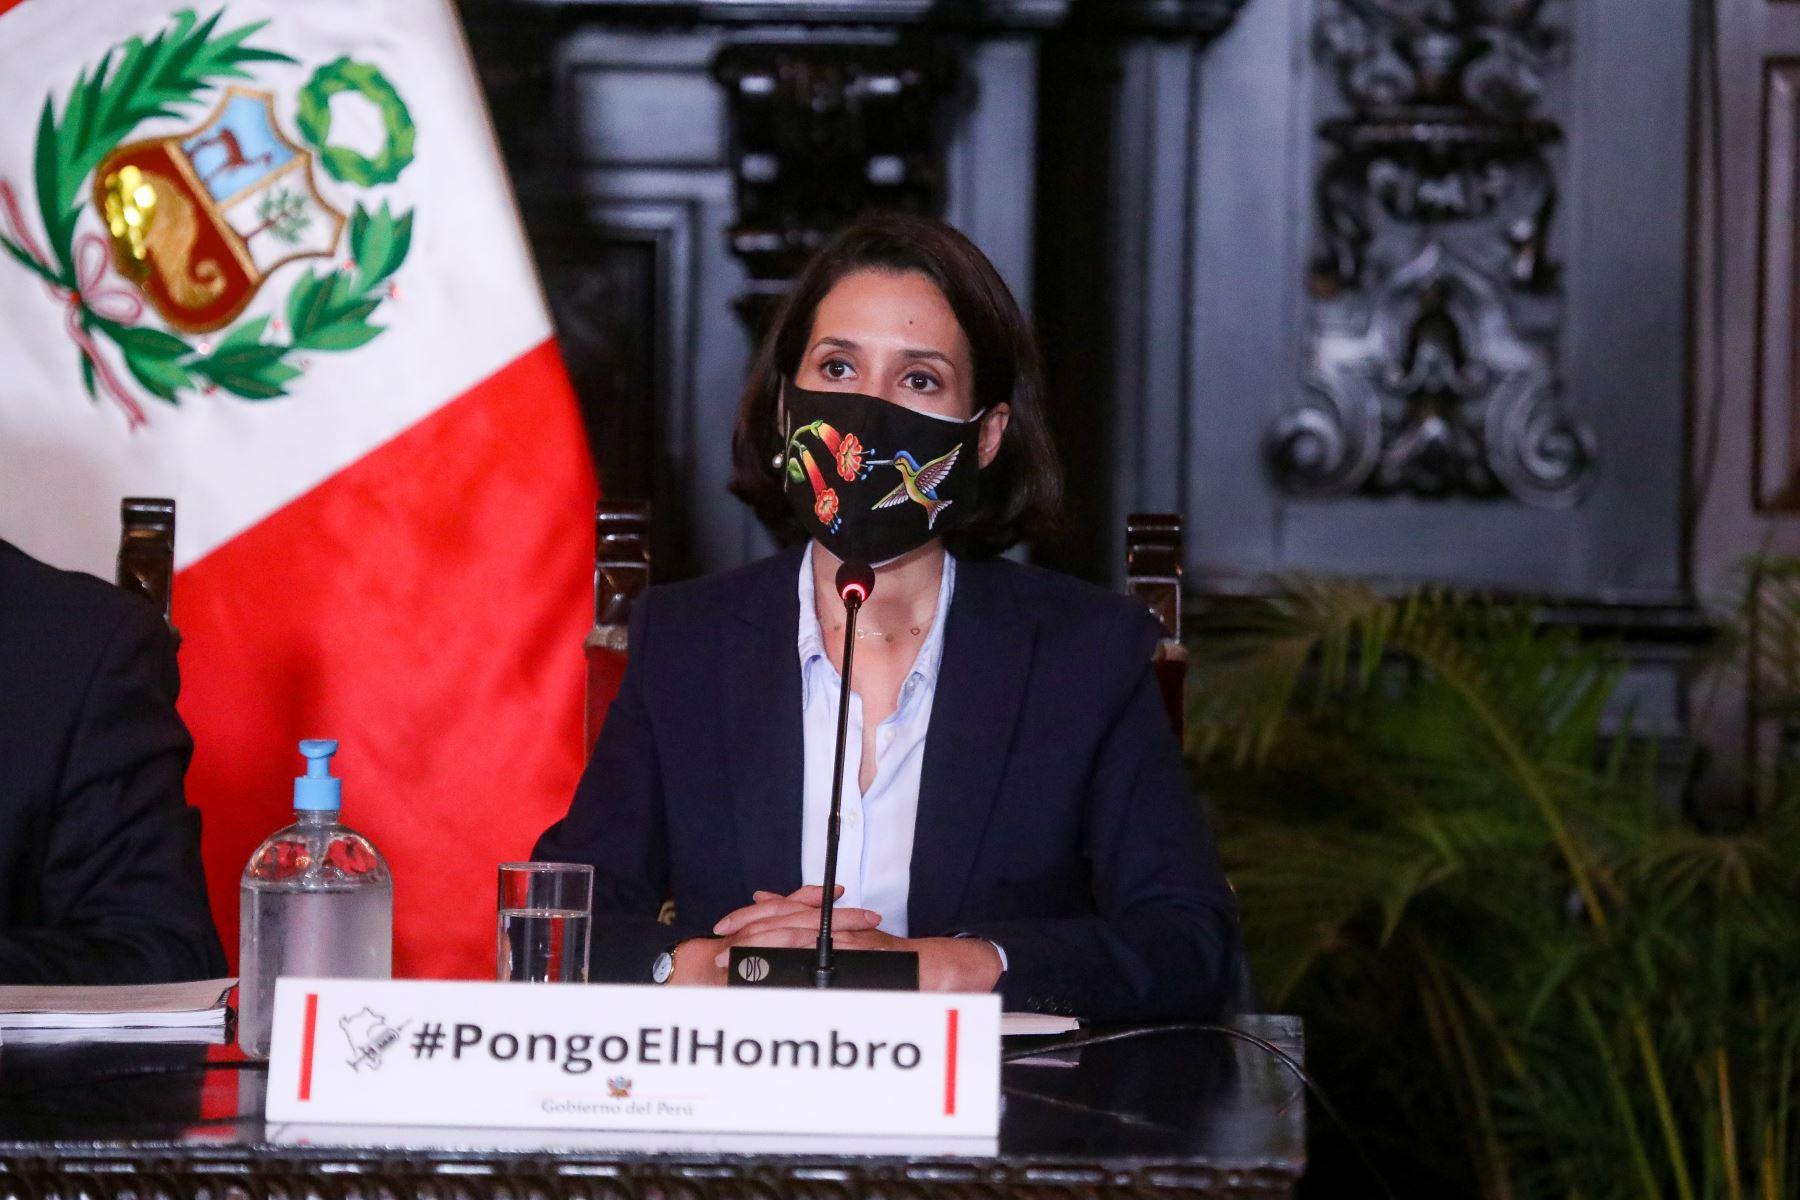 La Ministra de Comercio Exterior, Claudio Cornejo, brinda nuevos reportes y acciones realizadas para hacer frente a la pandemia de la covid-19. Foto: ANDINA / PCM